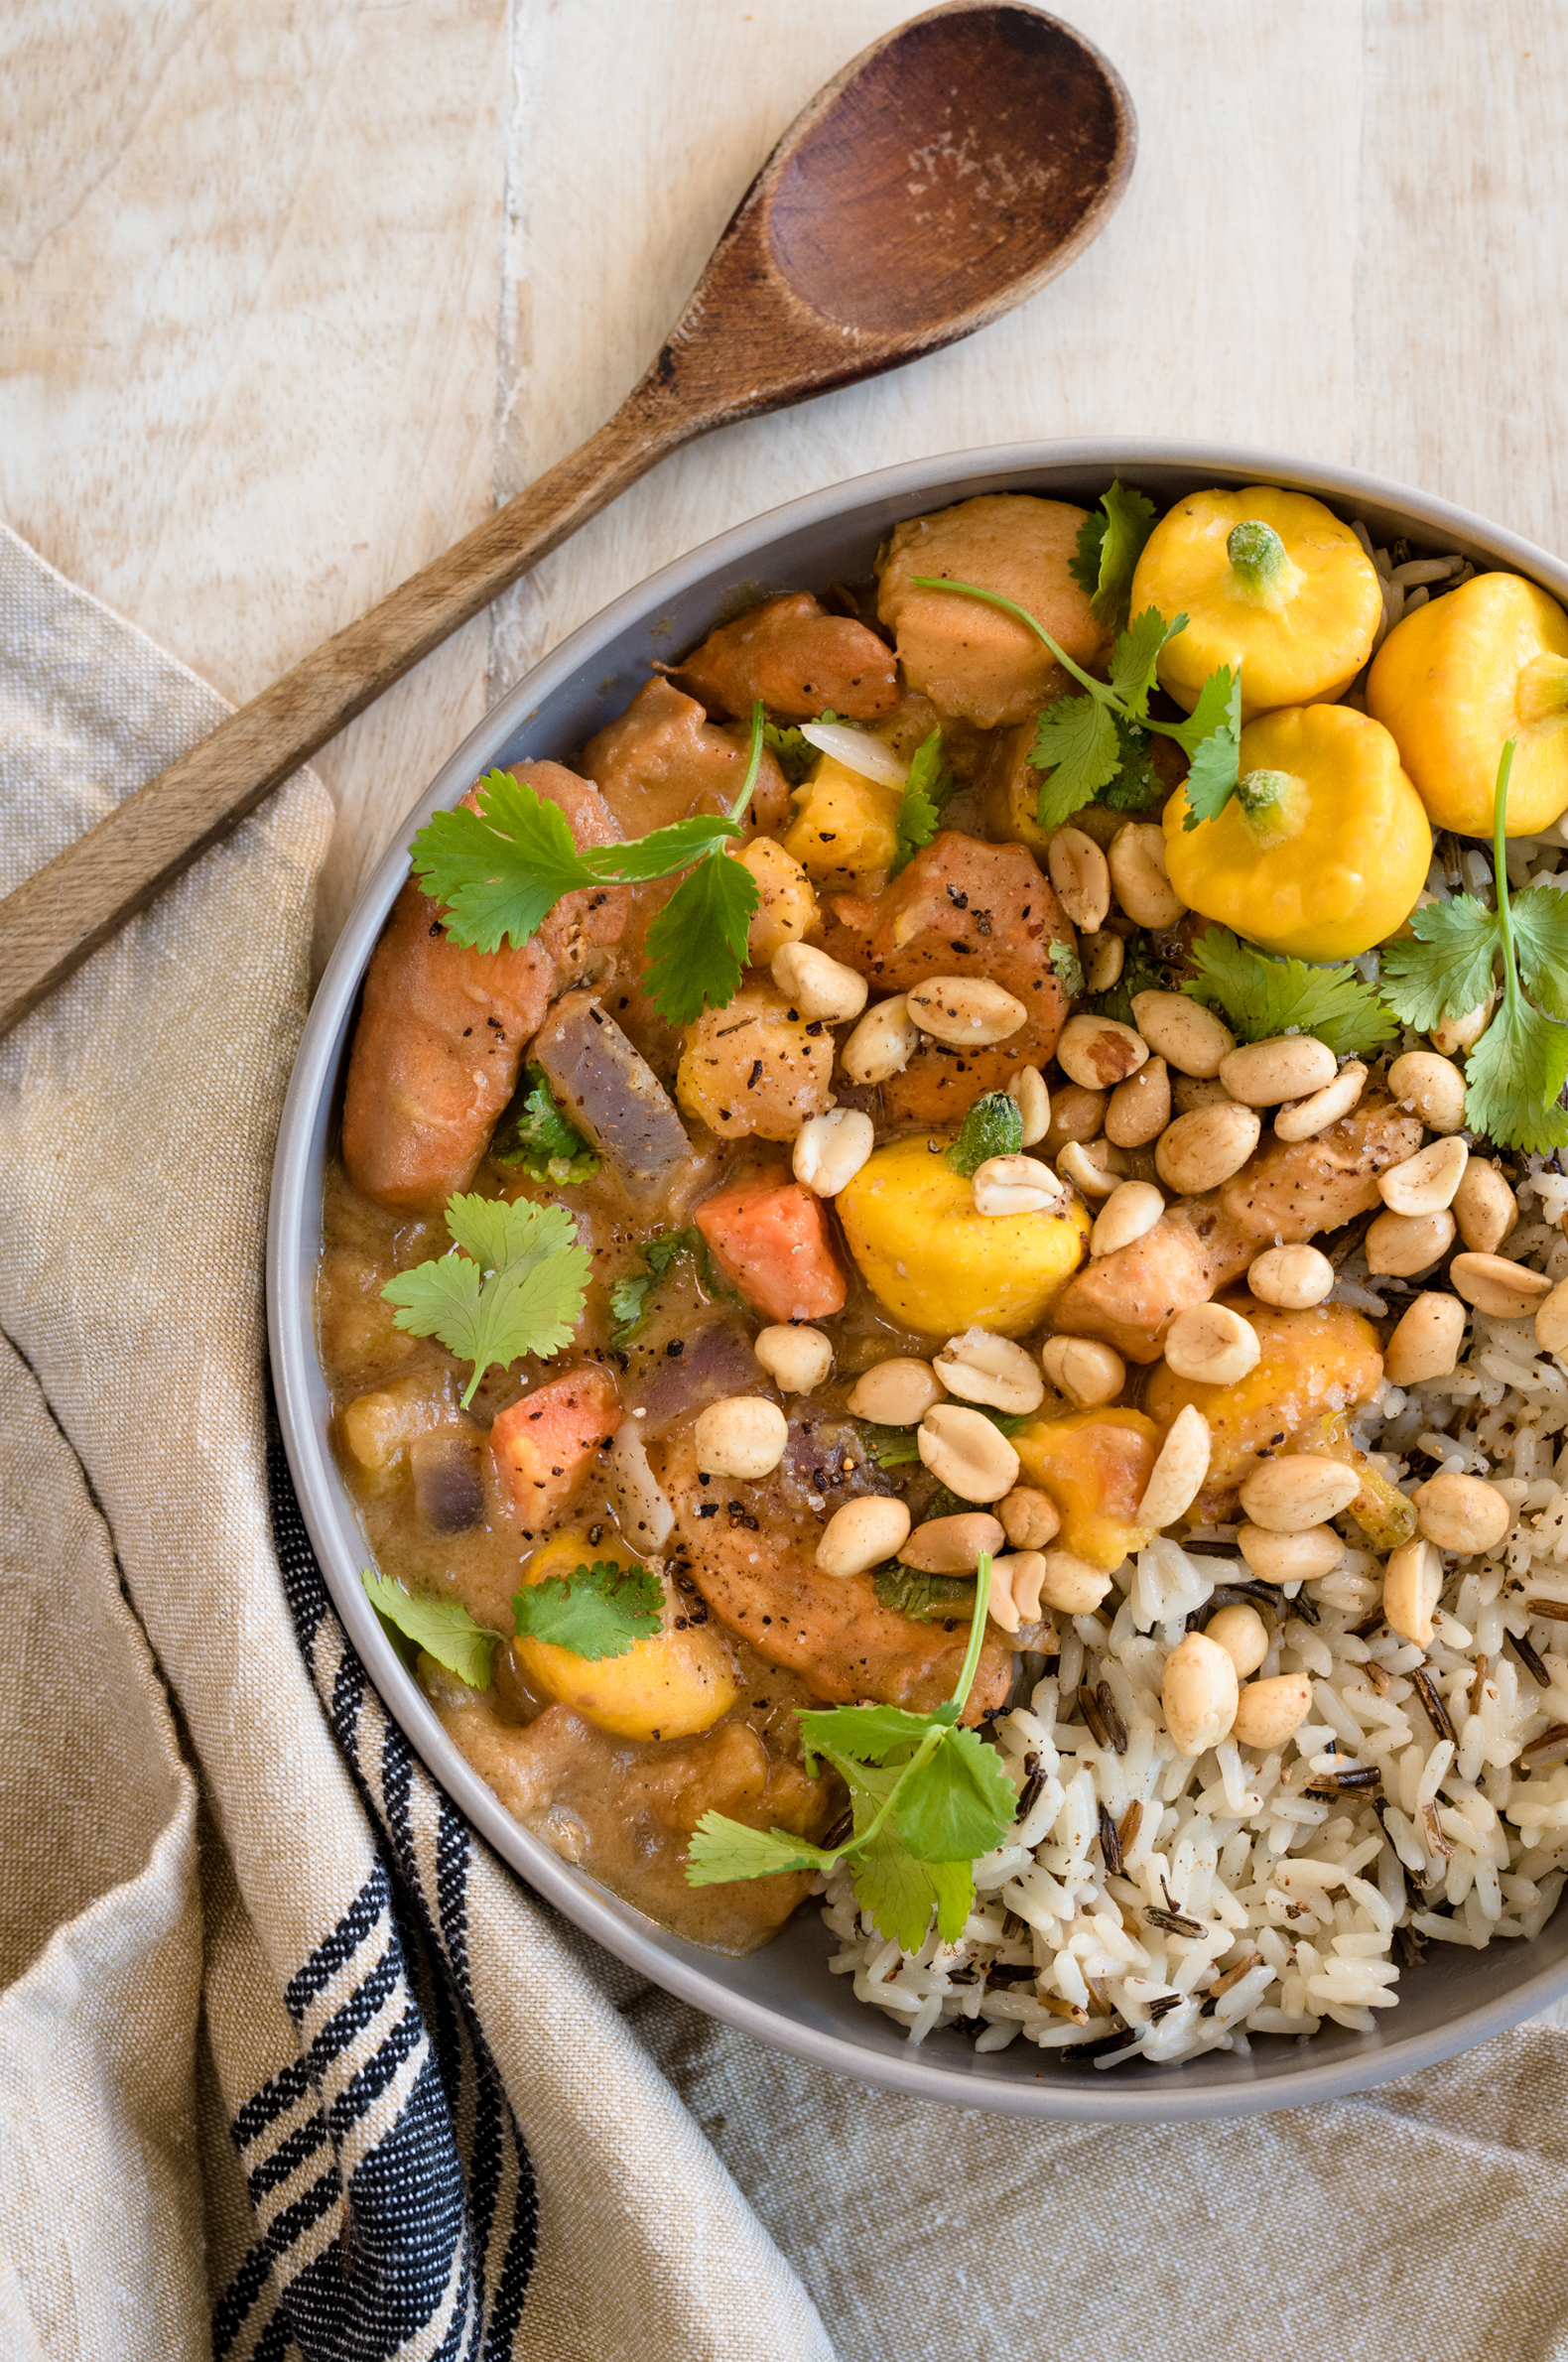 Ragoût de poulet africain - Recette tirée du livre  Légumineuses & Cie  Photographie : Catherine Côté  Stylisme culinaire : Hubert Cormier